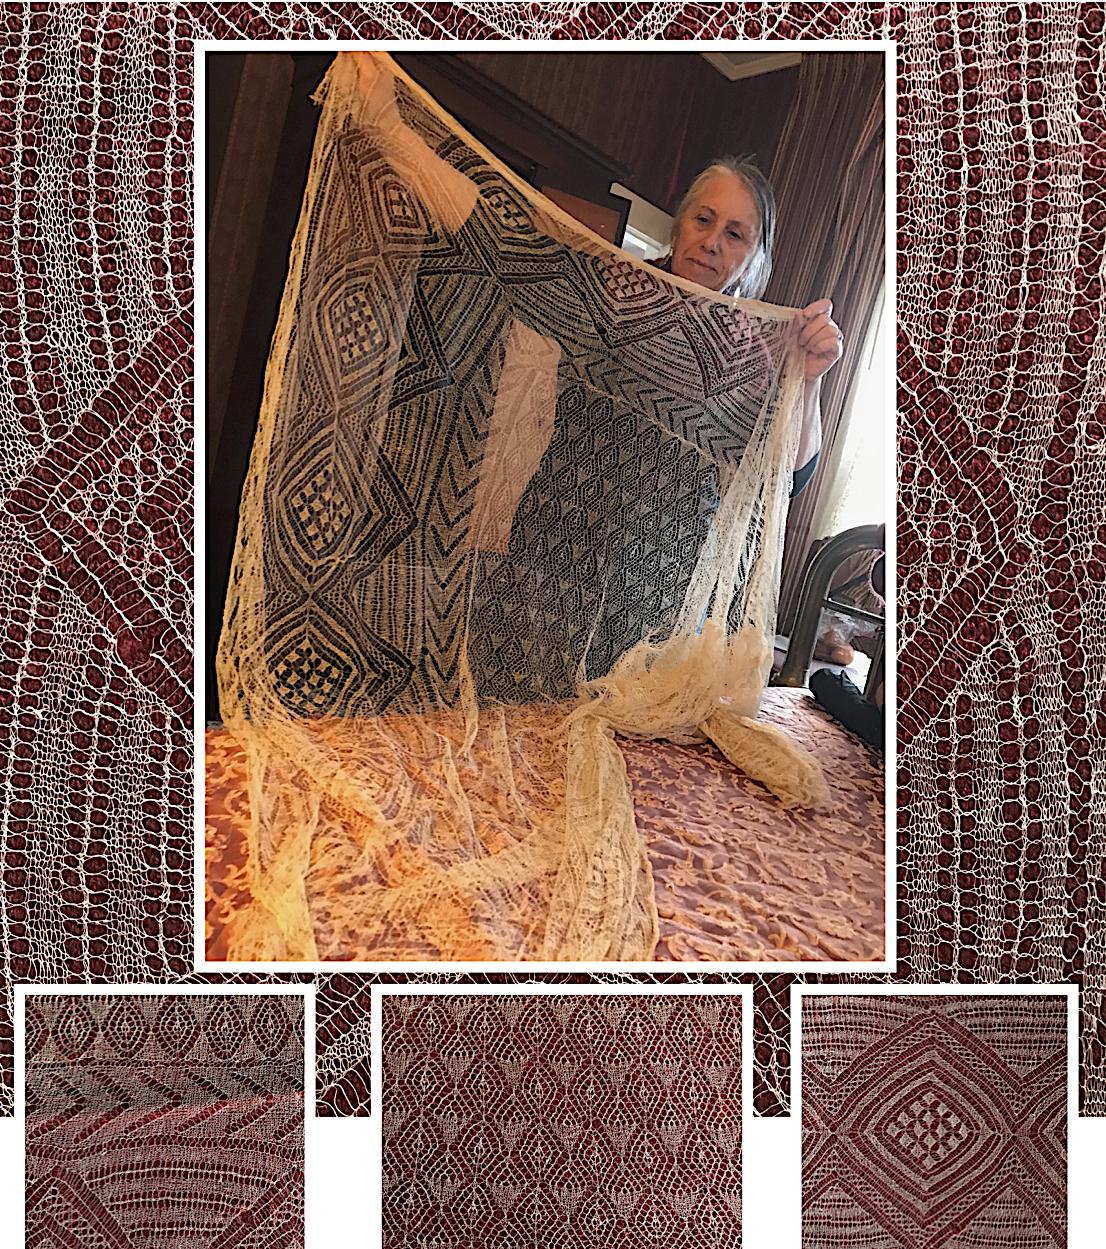 Hand Knit Lace Shawl 1800's